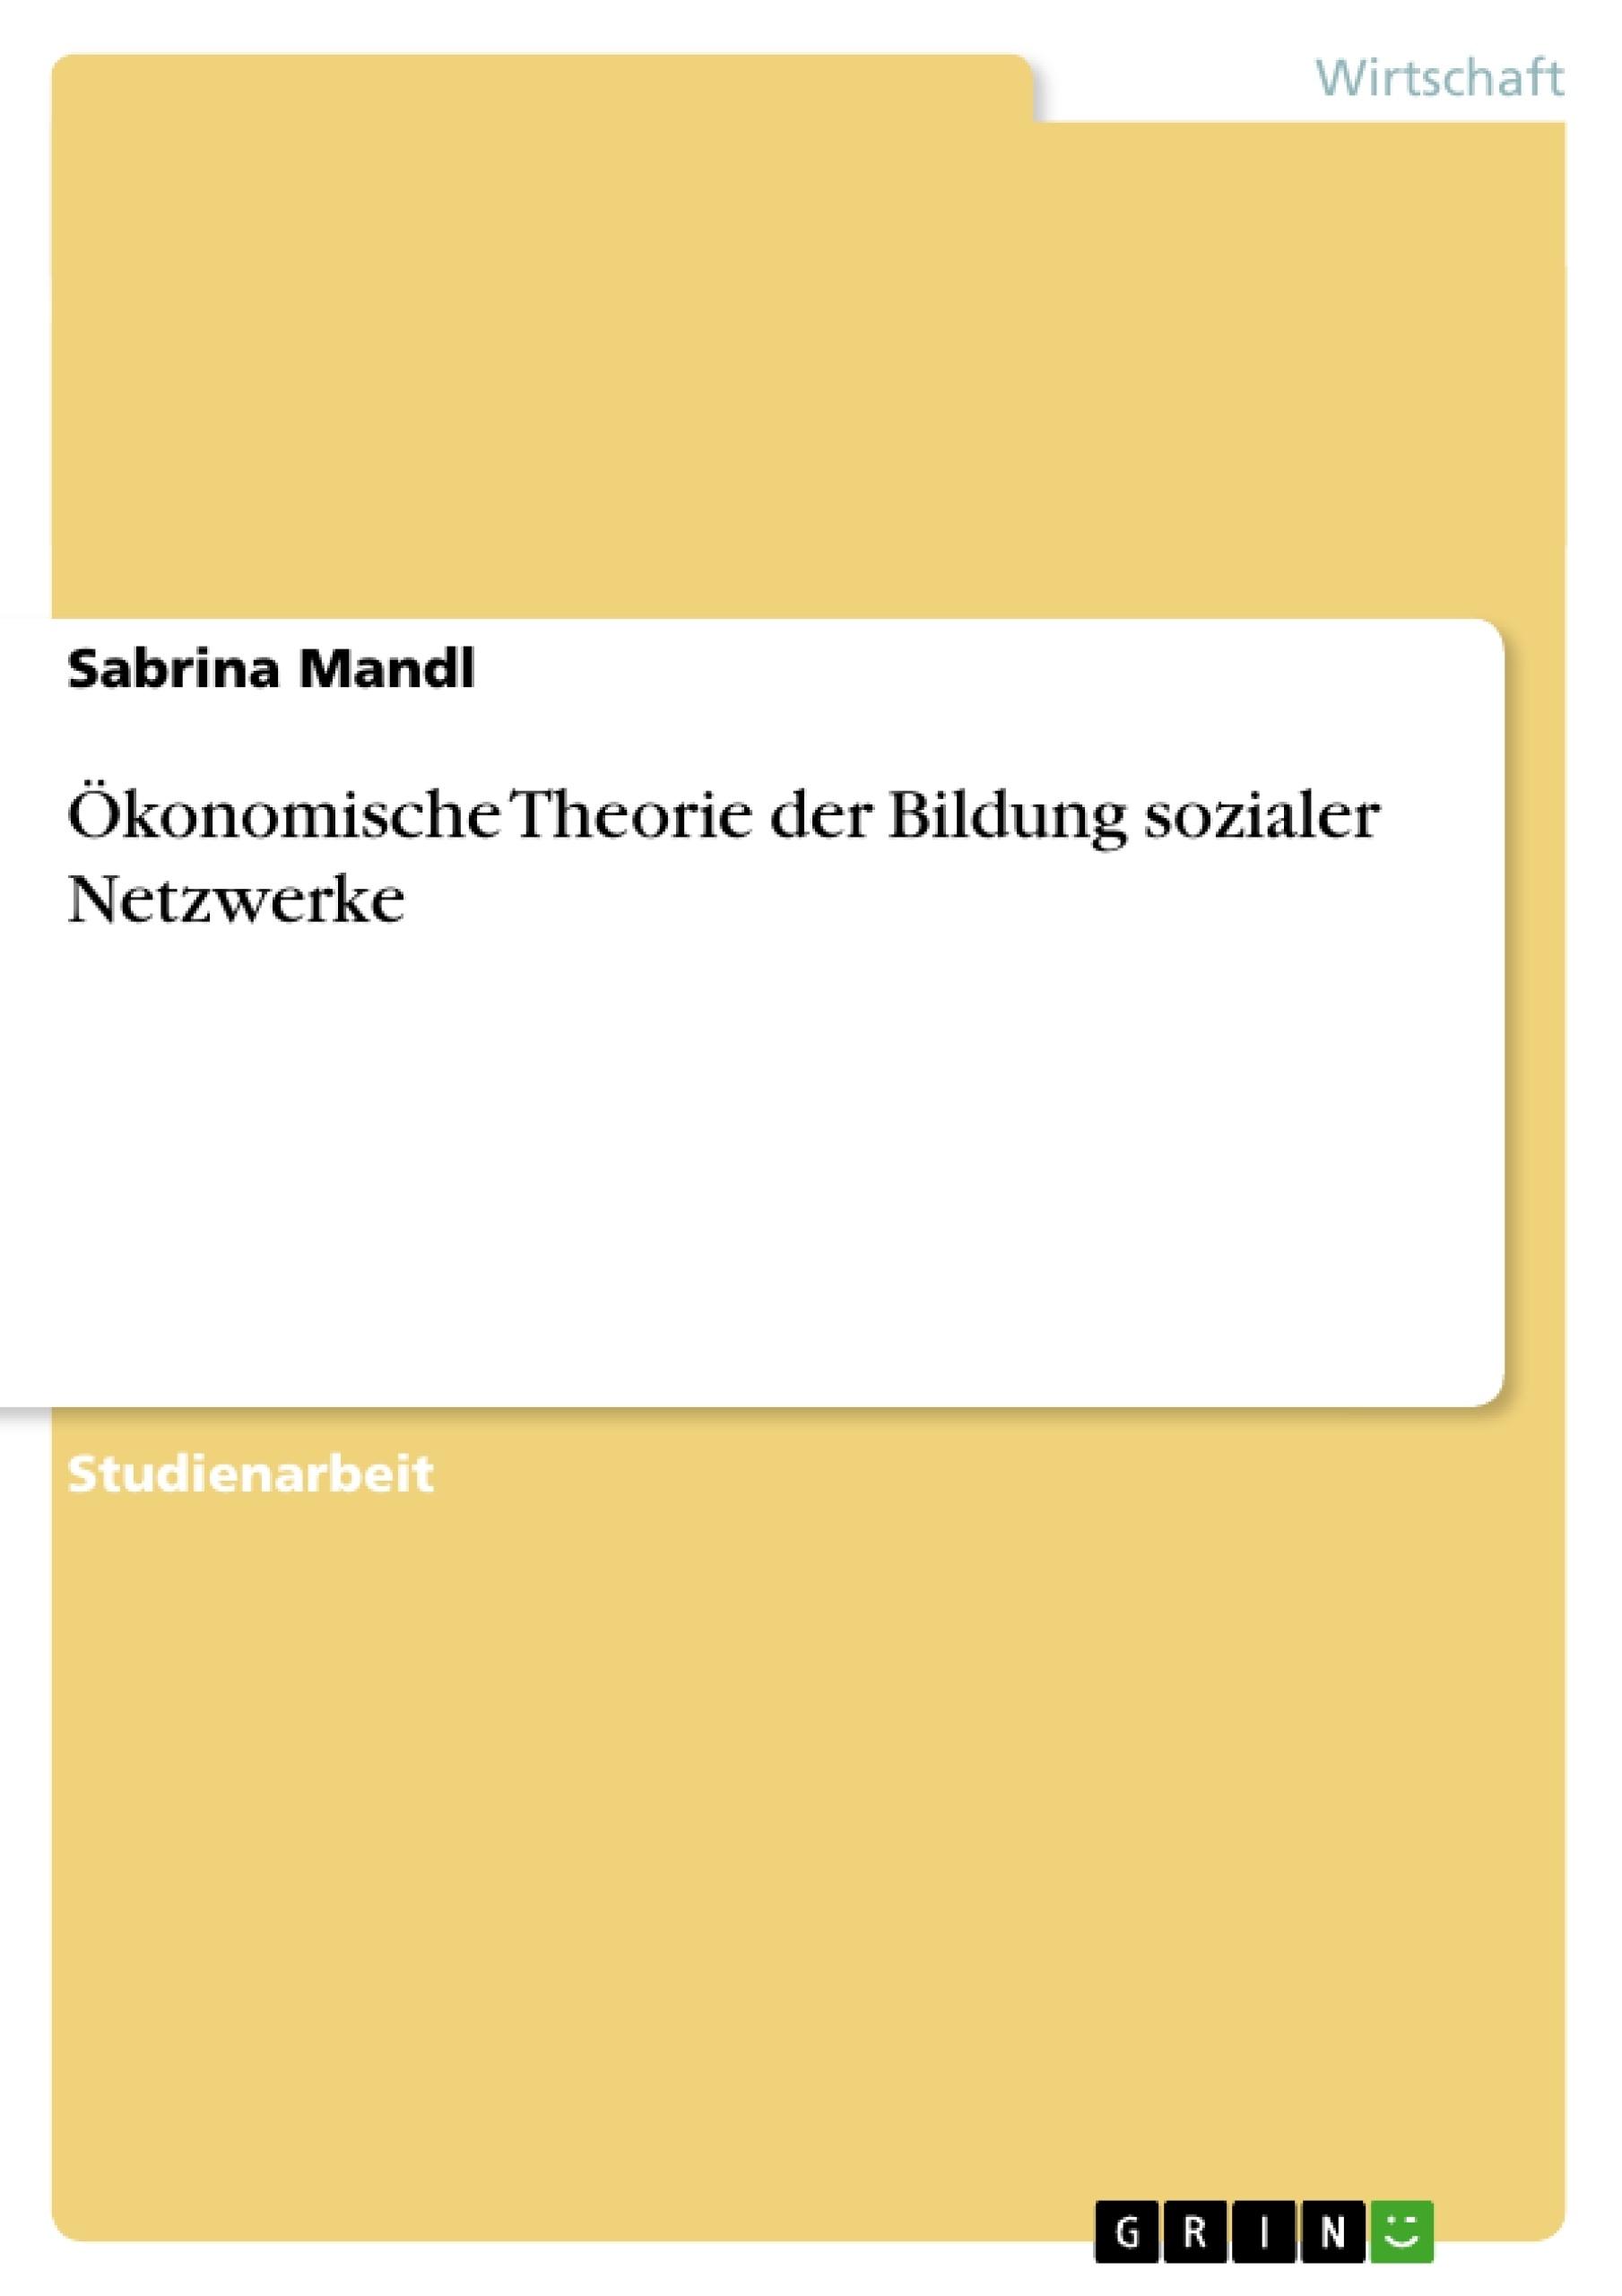 Titel: Ökonomische Theorie der Bildung sozialer Netzwerke